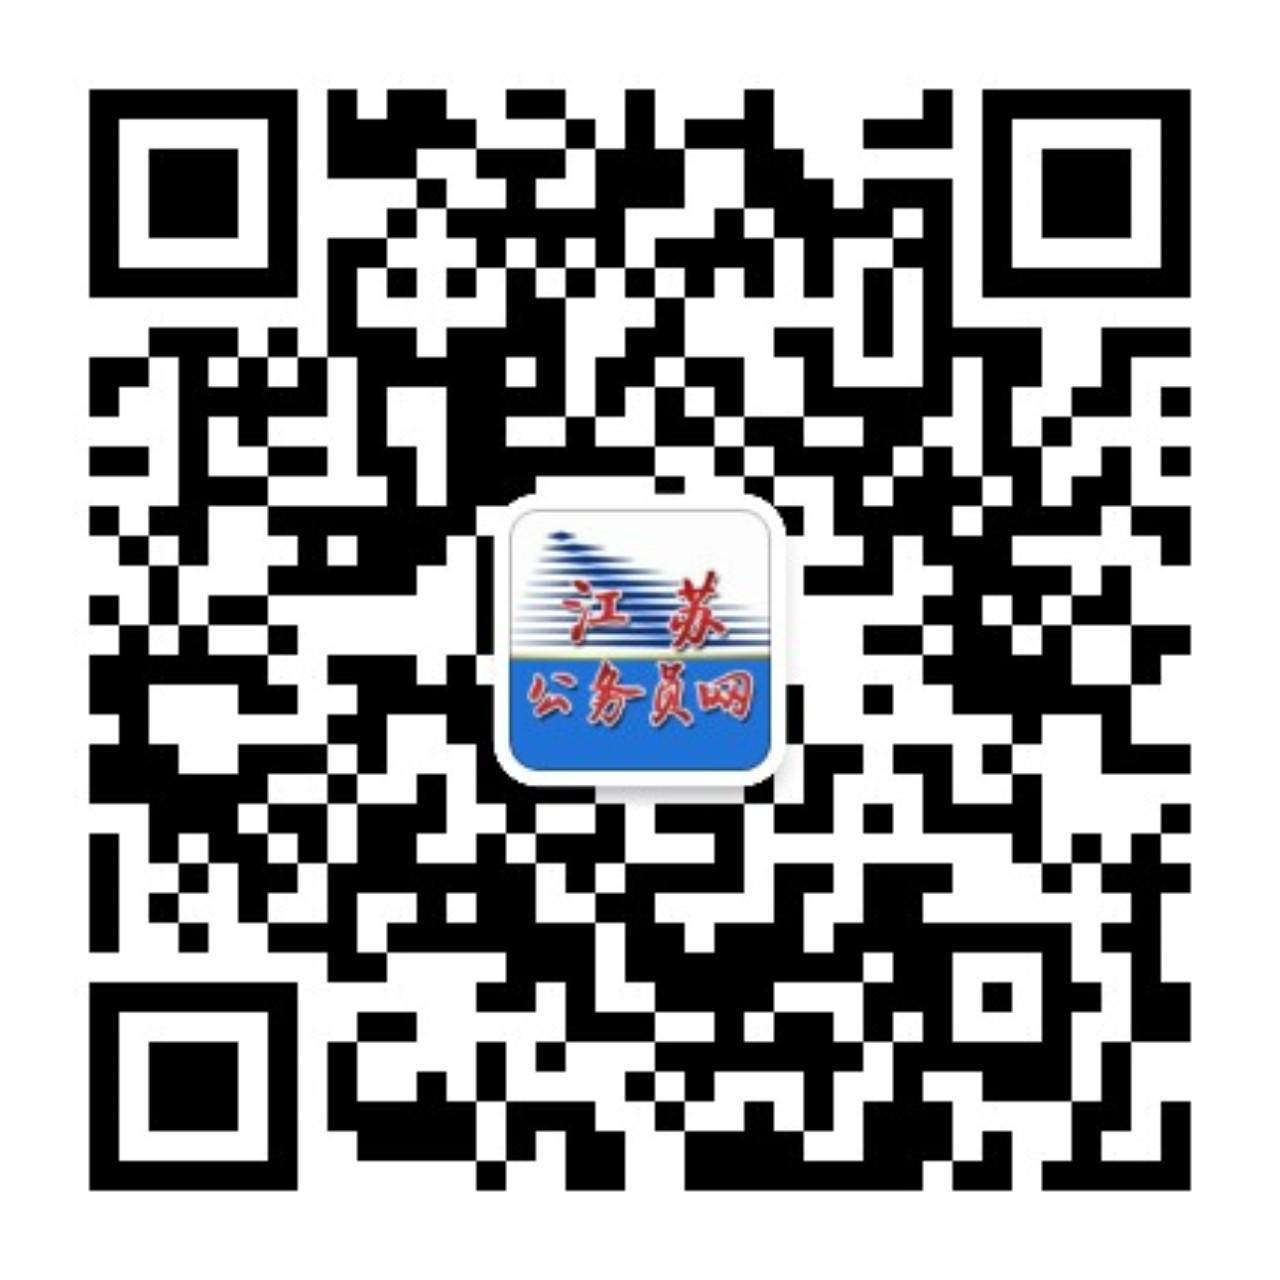 江苏公务员考试网二维码